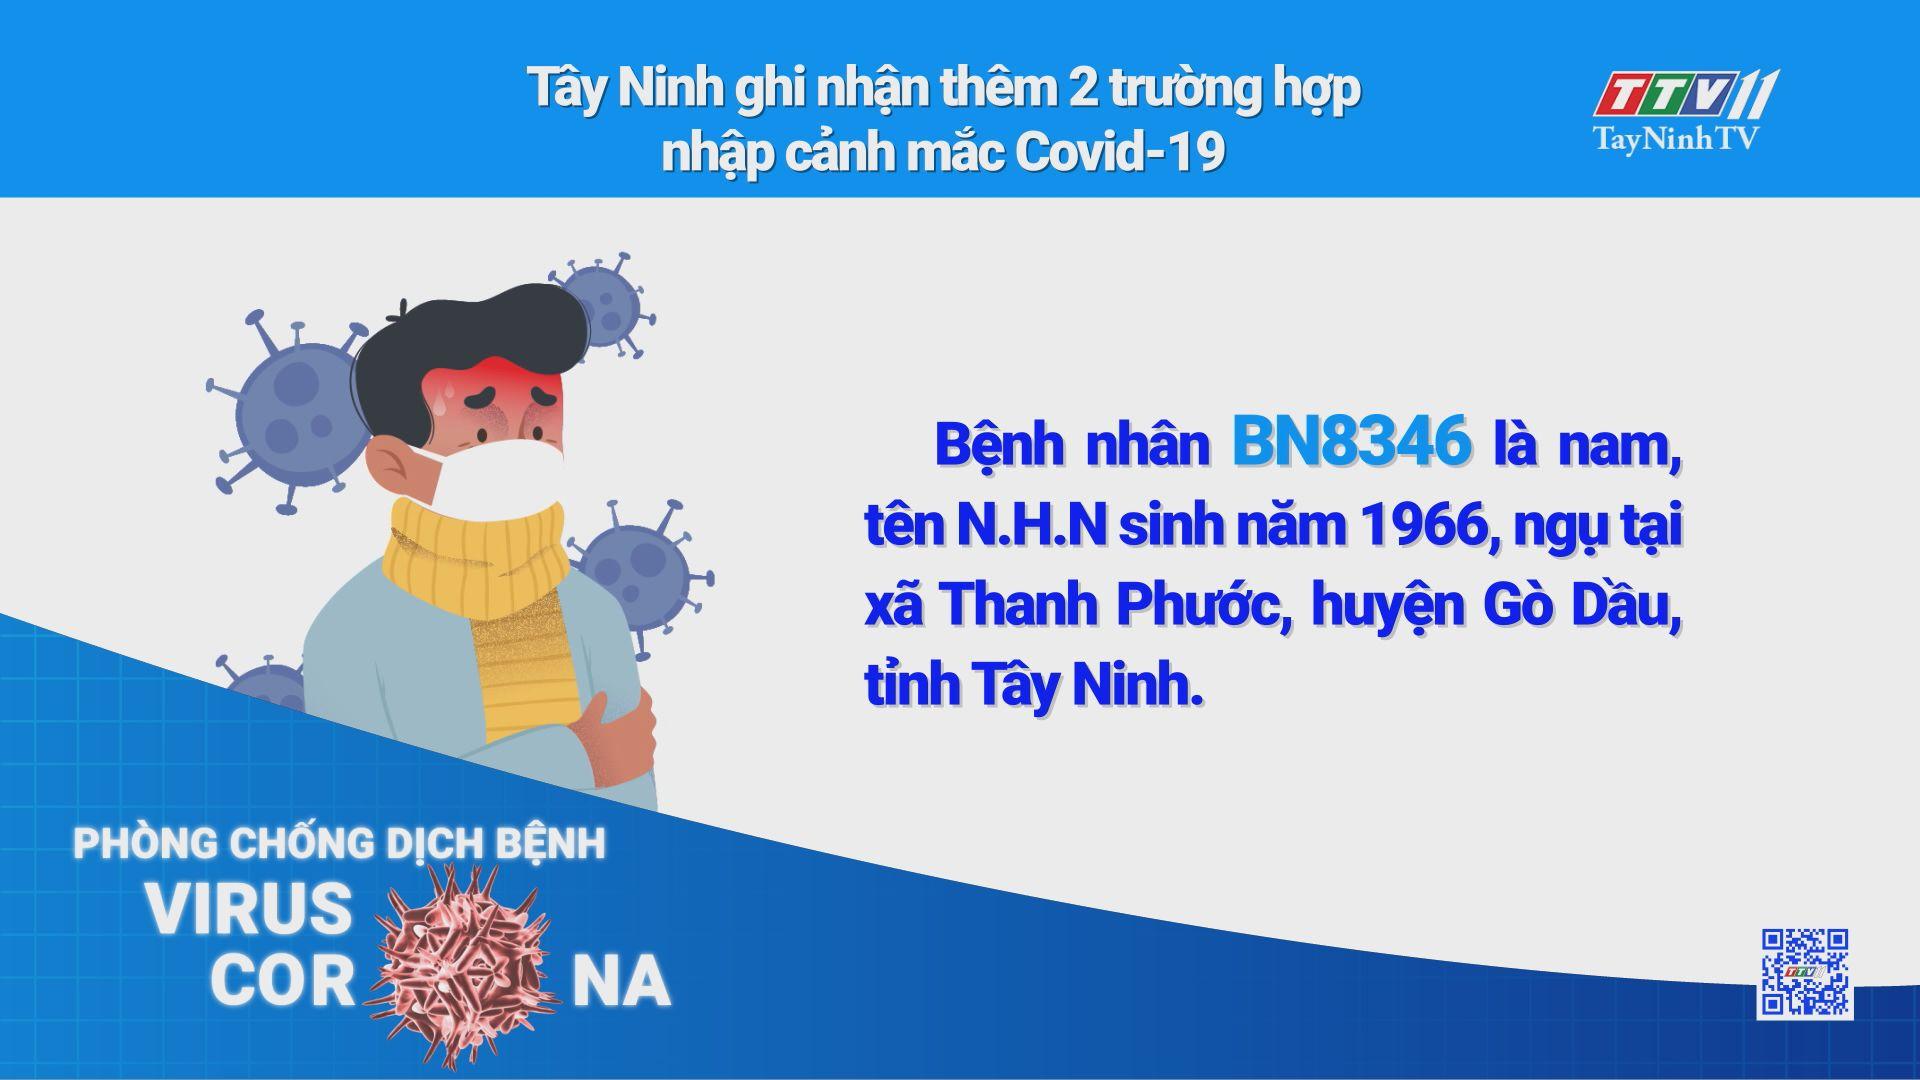 Tây Ninh ghi nhận thêm 2 trường hợp nhập cảnh mắc Covid-19 | THÔNG TIN DỊCH CÚM COVID-19 | TayNinhTV